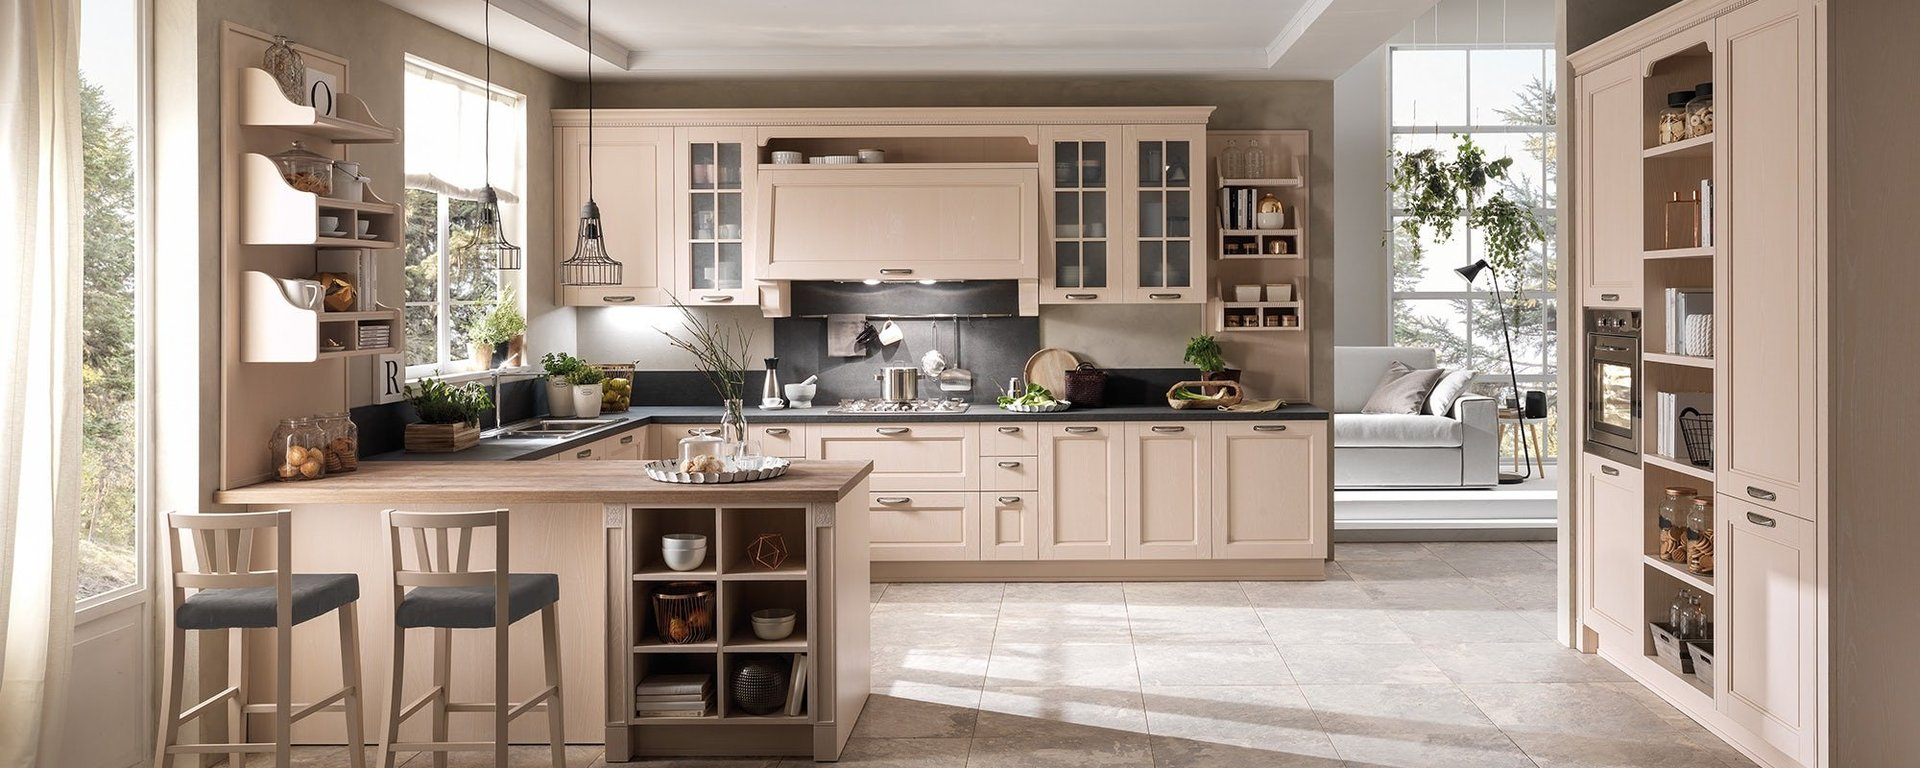 Cucine Componibili Vibo Valentia : Cucine contemporanee vibo valentia scarcia arredamenti